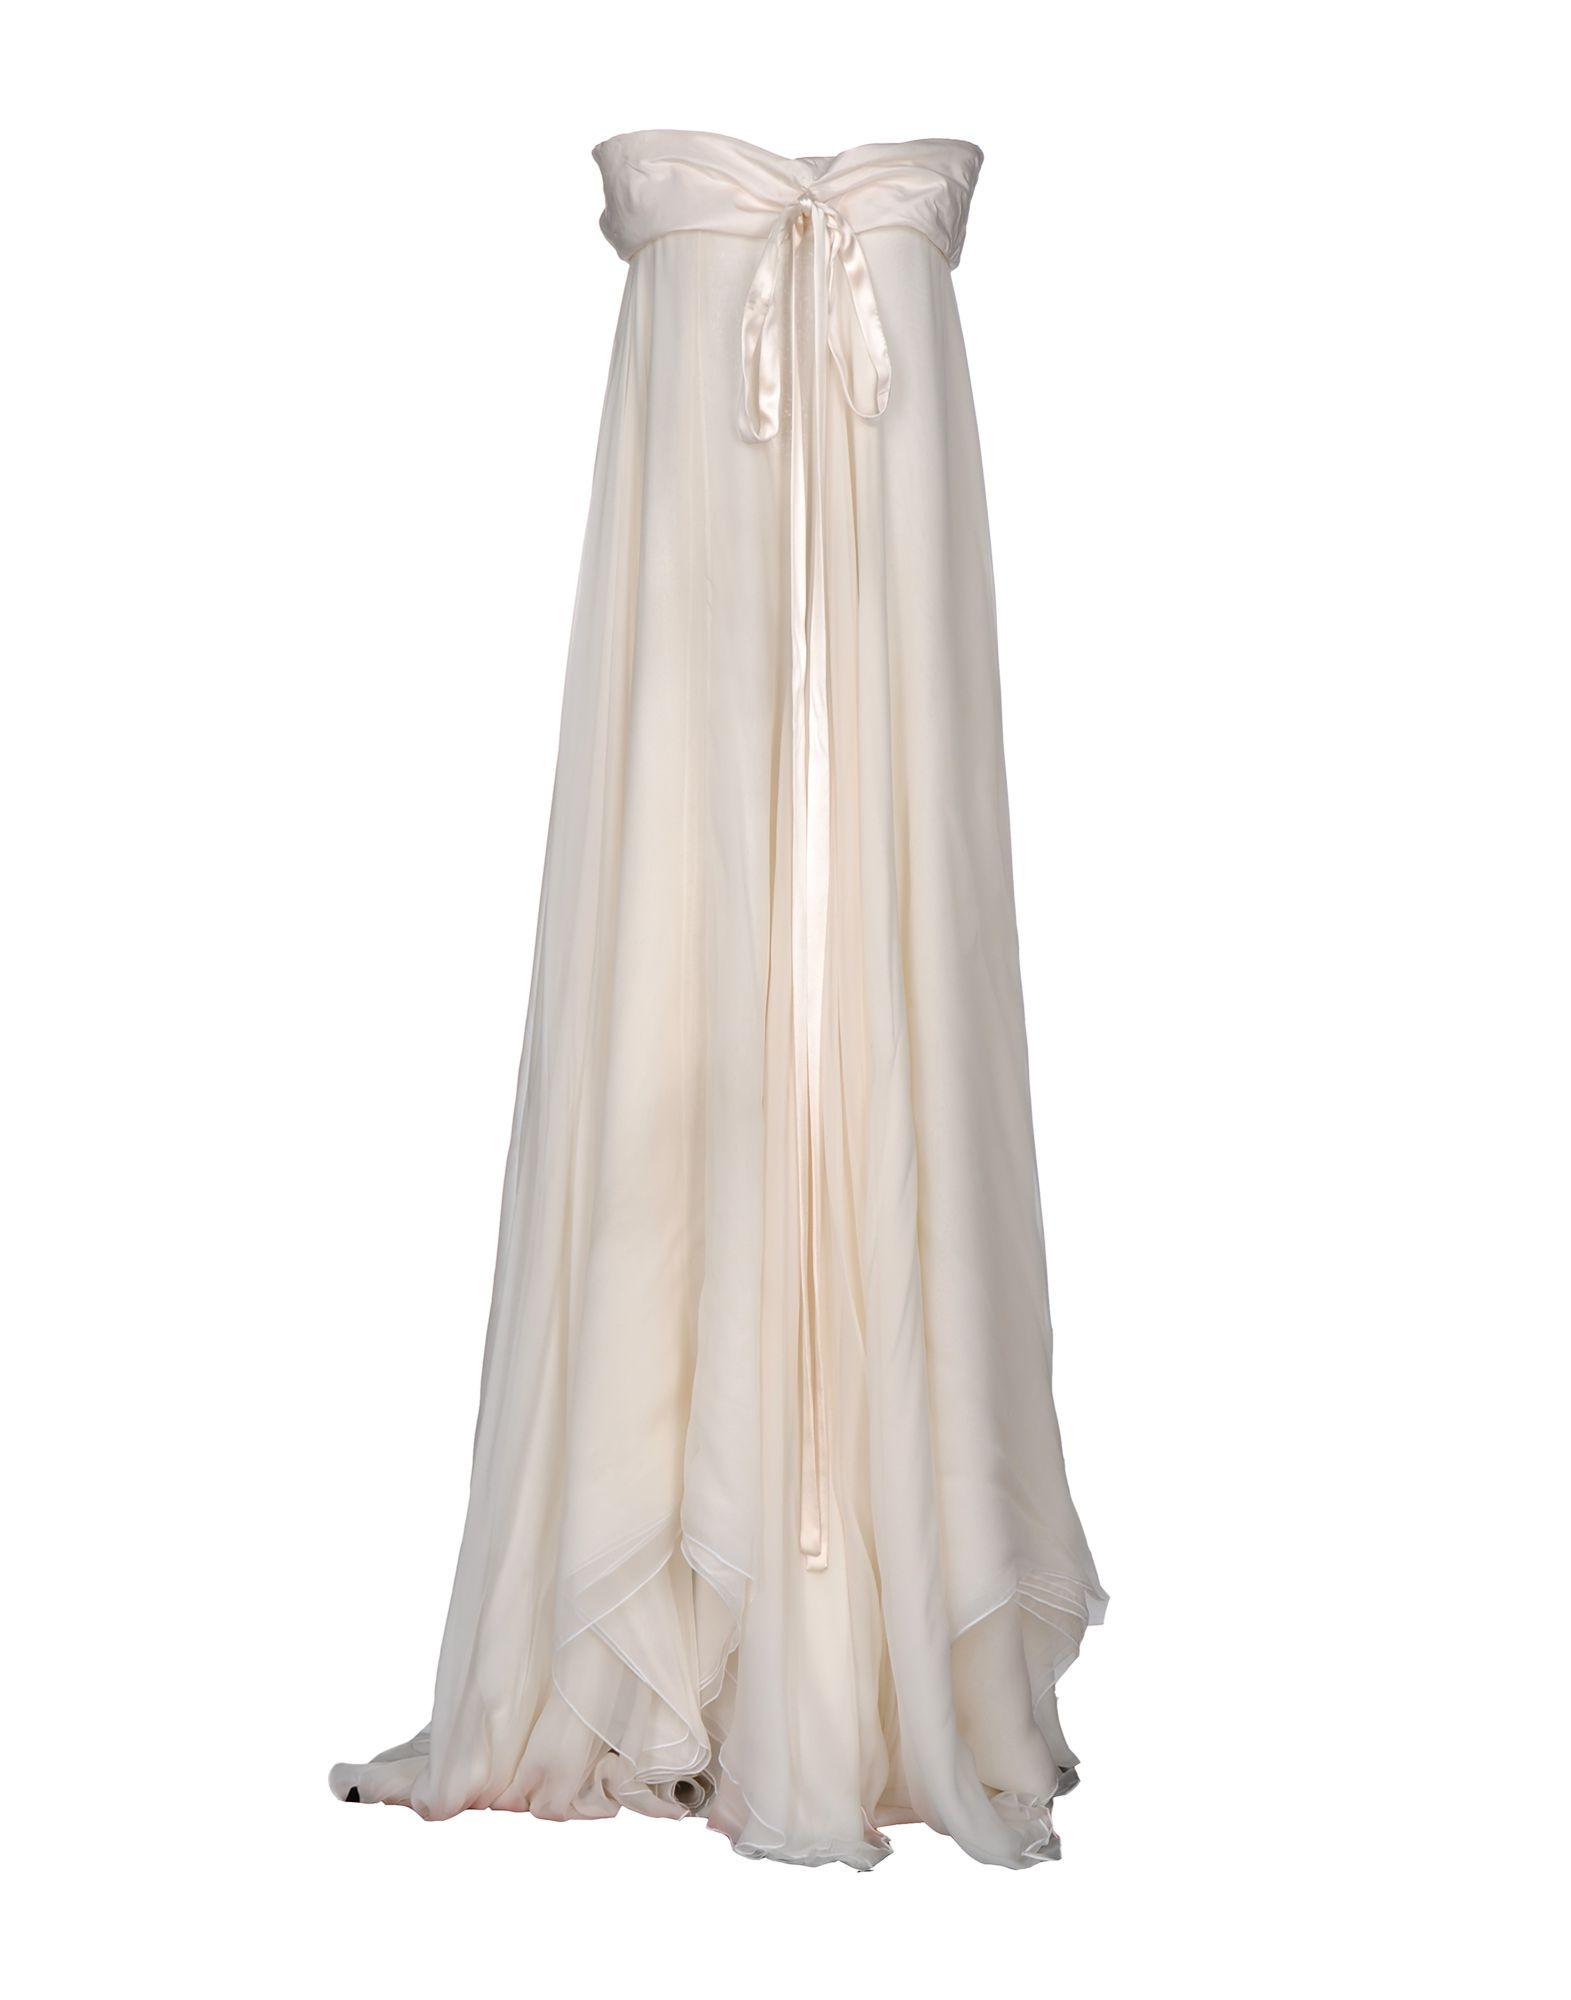 GUCCI Damen Langes Kleid Farbe Elfenbein Größe 4